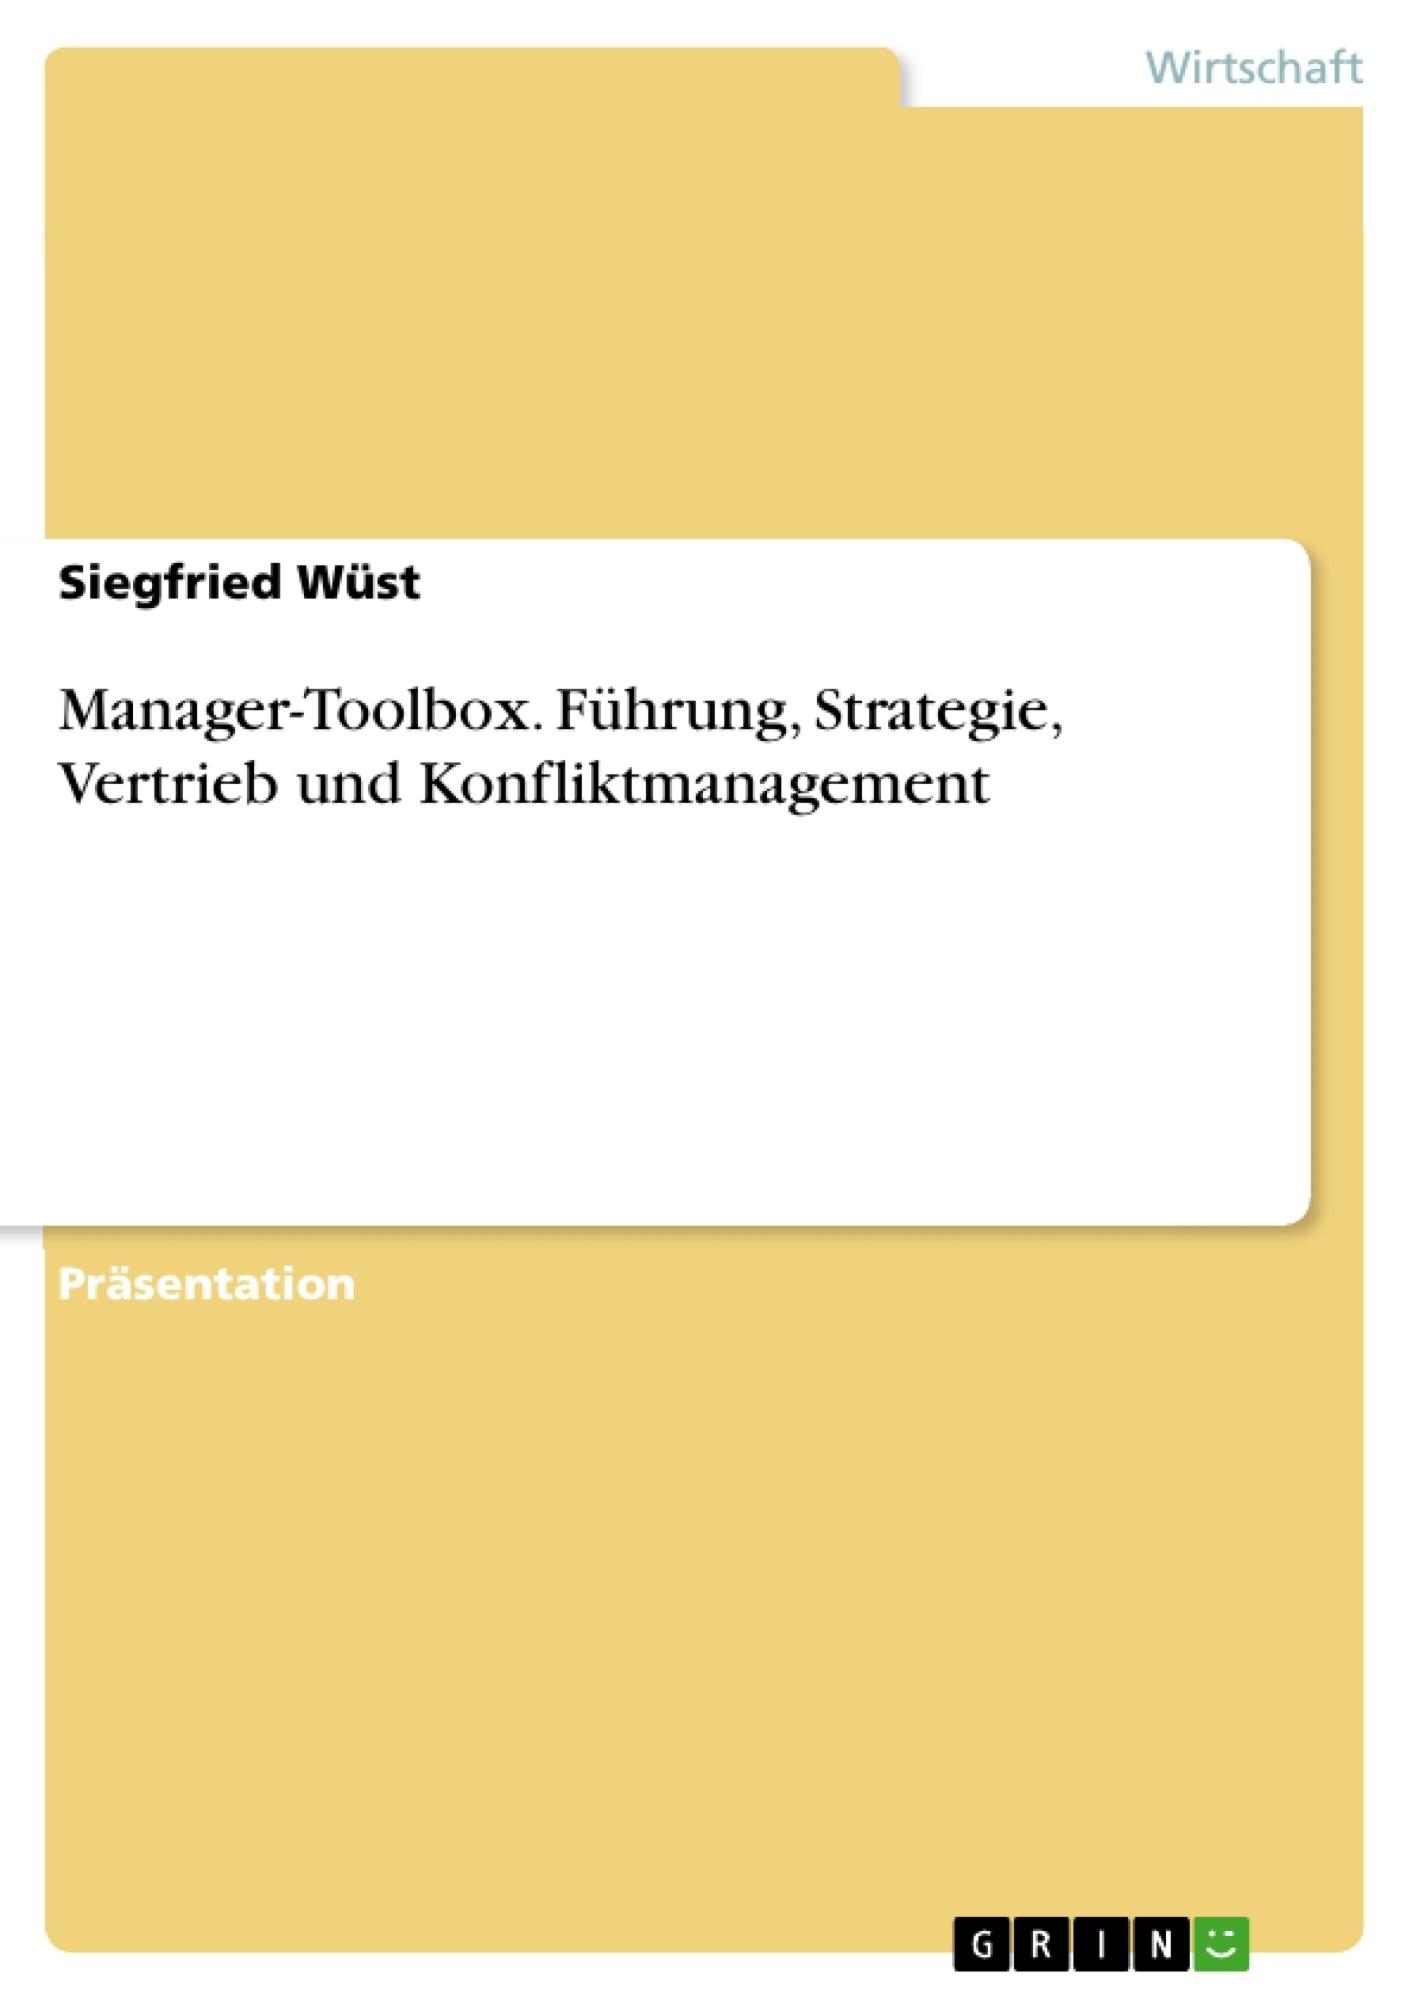 Titel: Manager-Toolbox. Führung, Strategie, Vertrieb und Konfliktmanagement